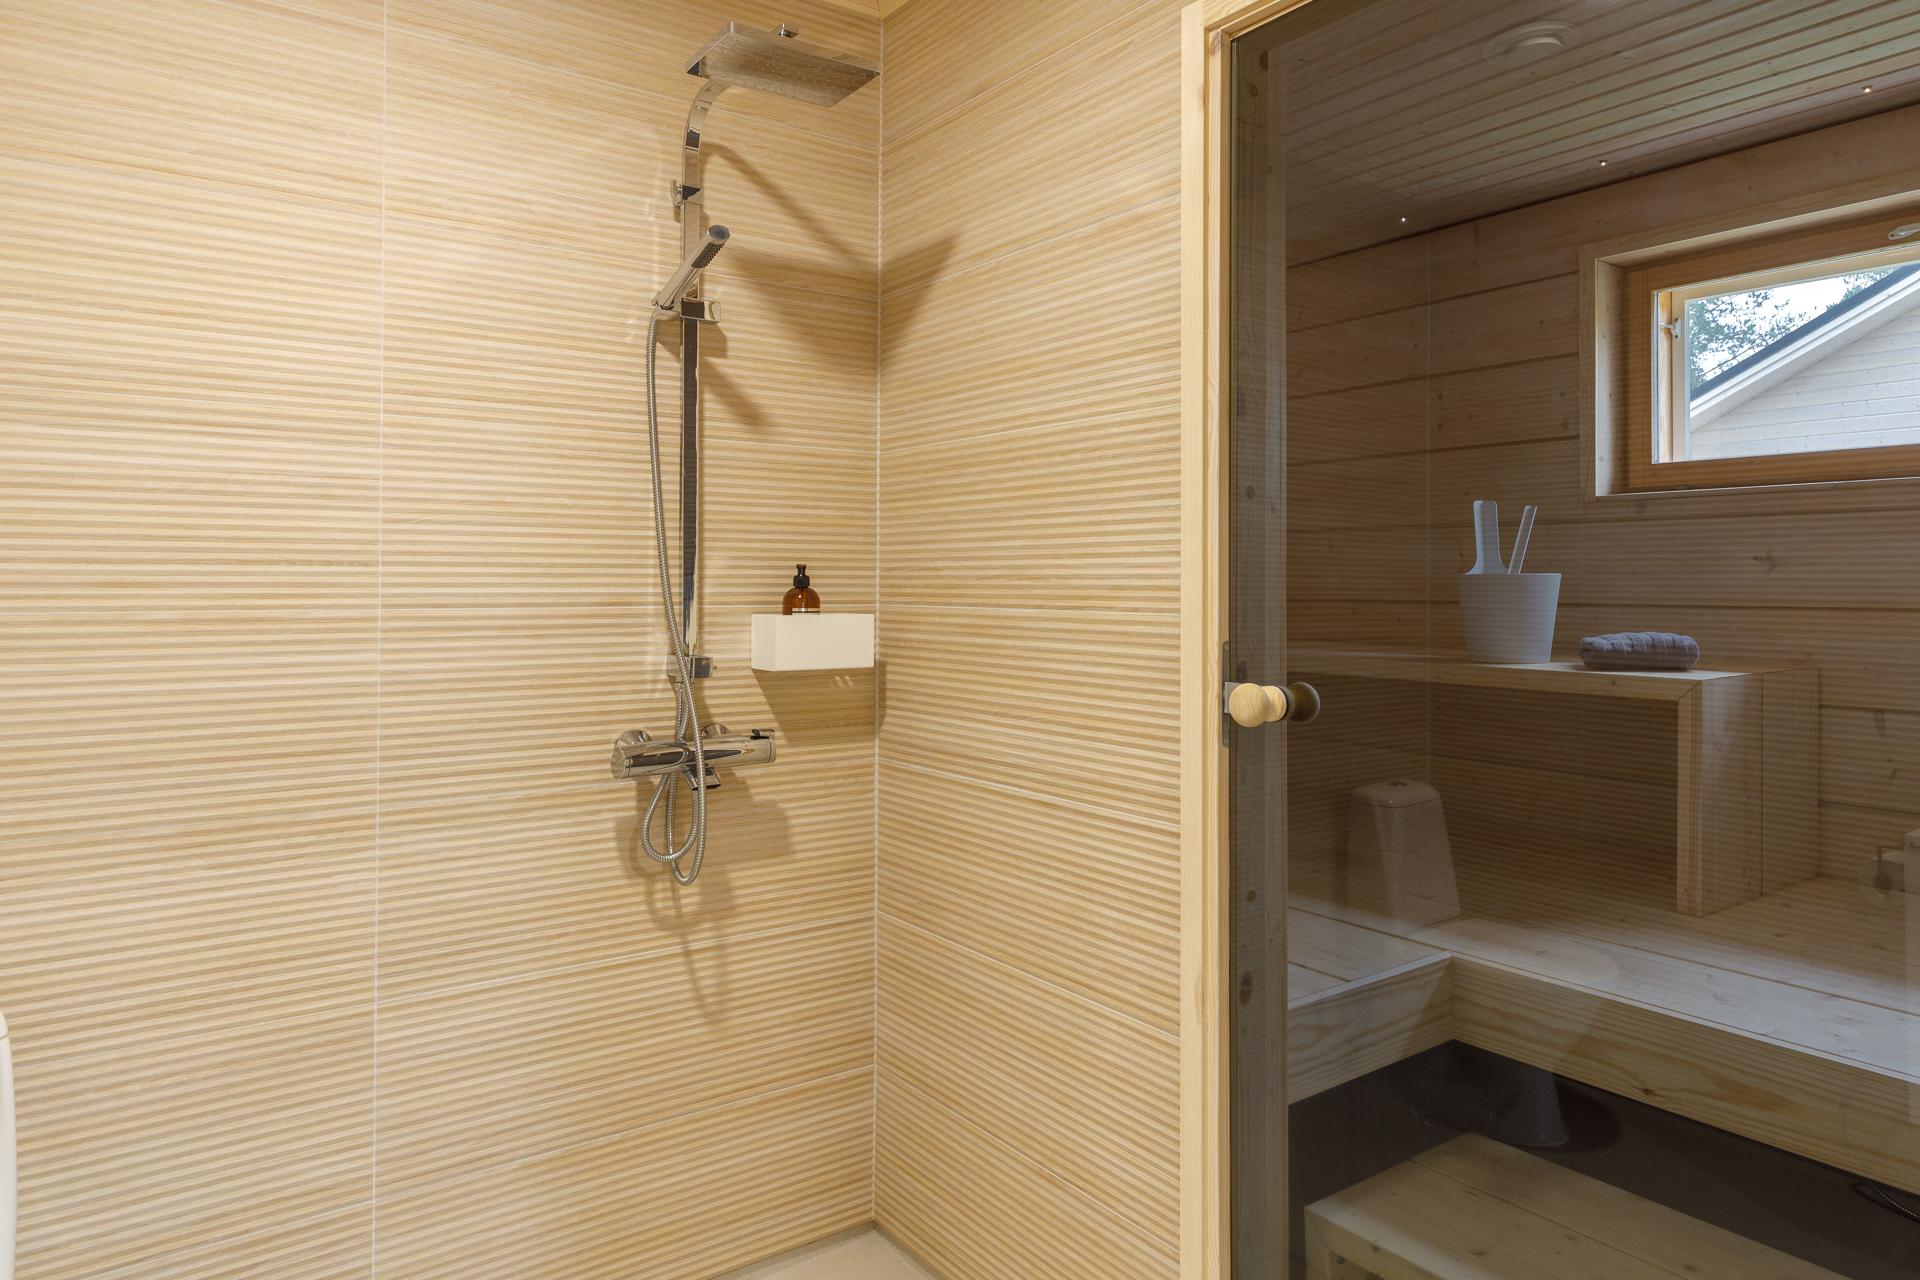 Asuntokuvaus Kylpyhuoneen kuva oulussa